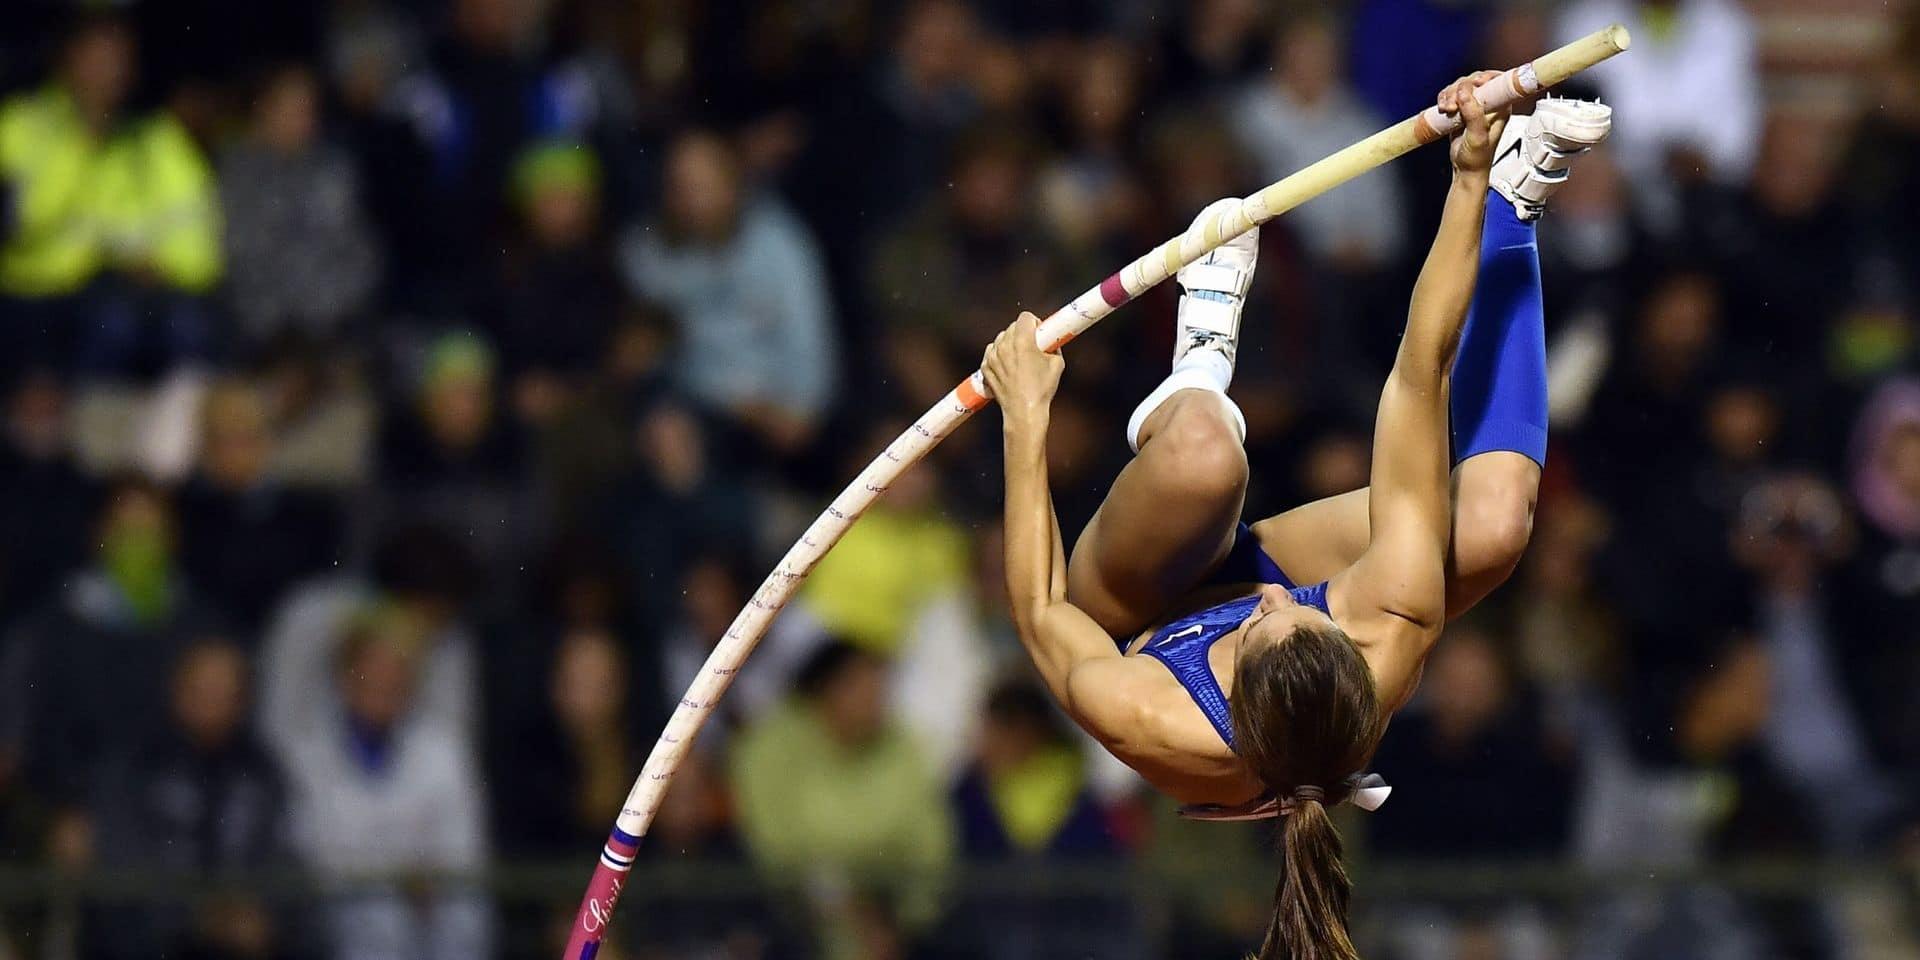 Katerina Stefanidi remporte le concours de perche à distance